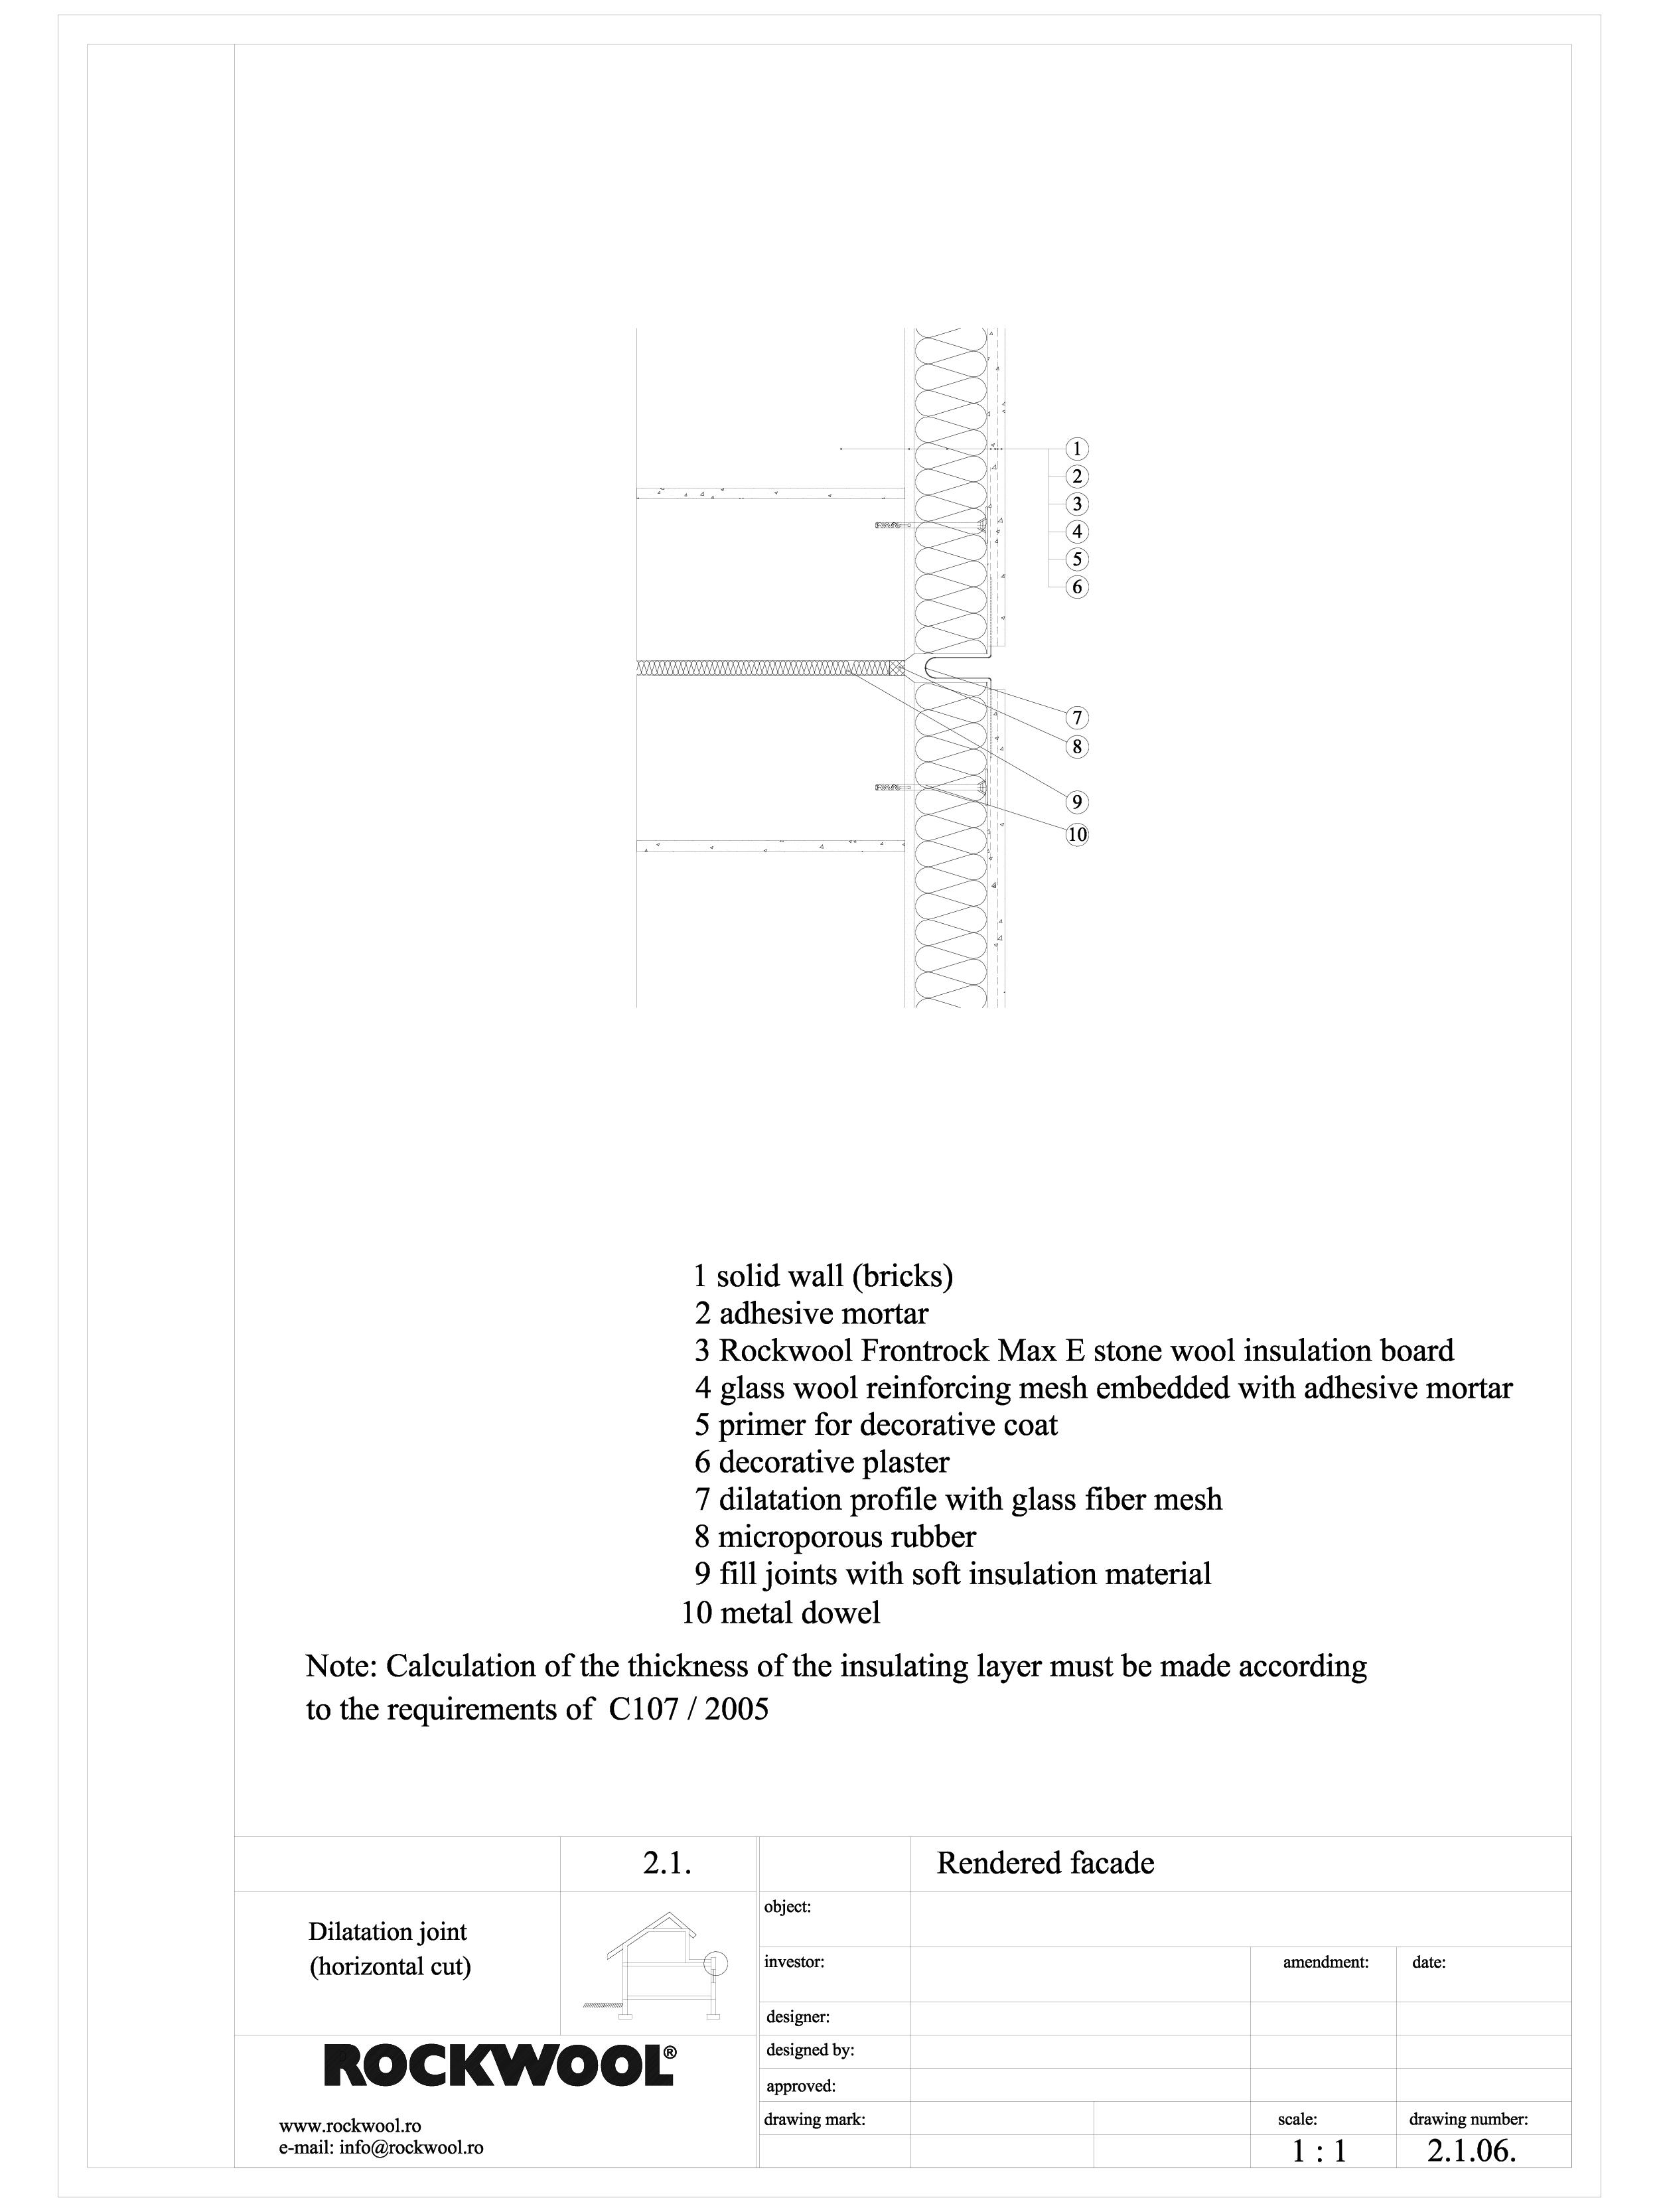 Termoizolarea fatadelor tencuite - detaliu rost de dilatatie ROCKWOOL Termoizolatie vata bazaltica pentru fatade ventilate ROCKWOOL ROMANIA  - Pagina 1